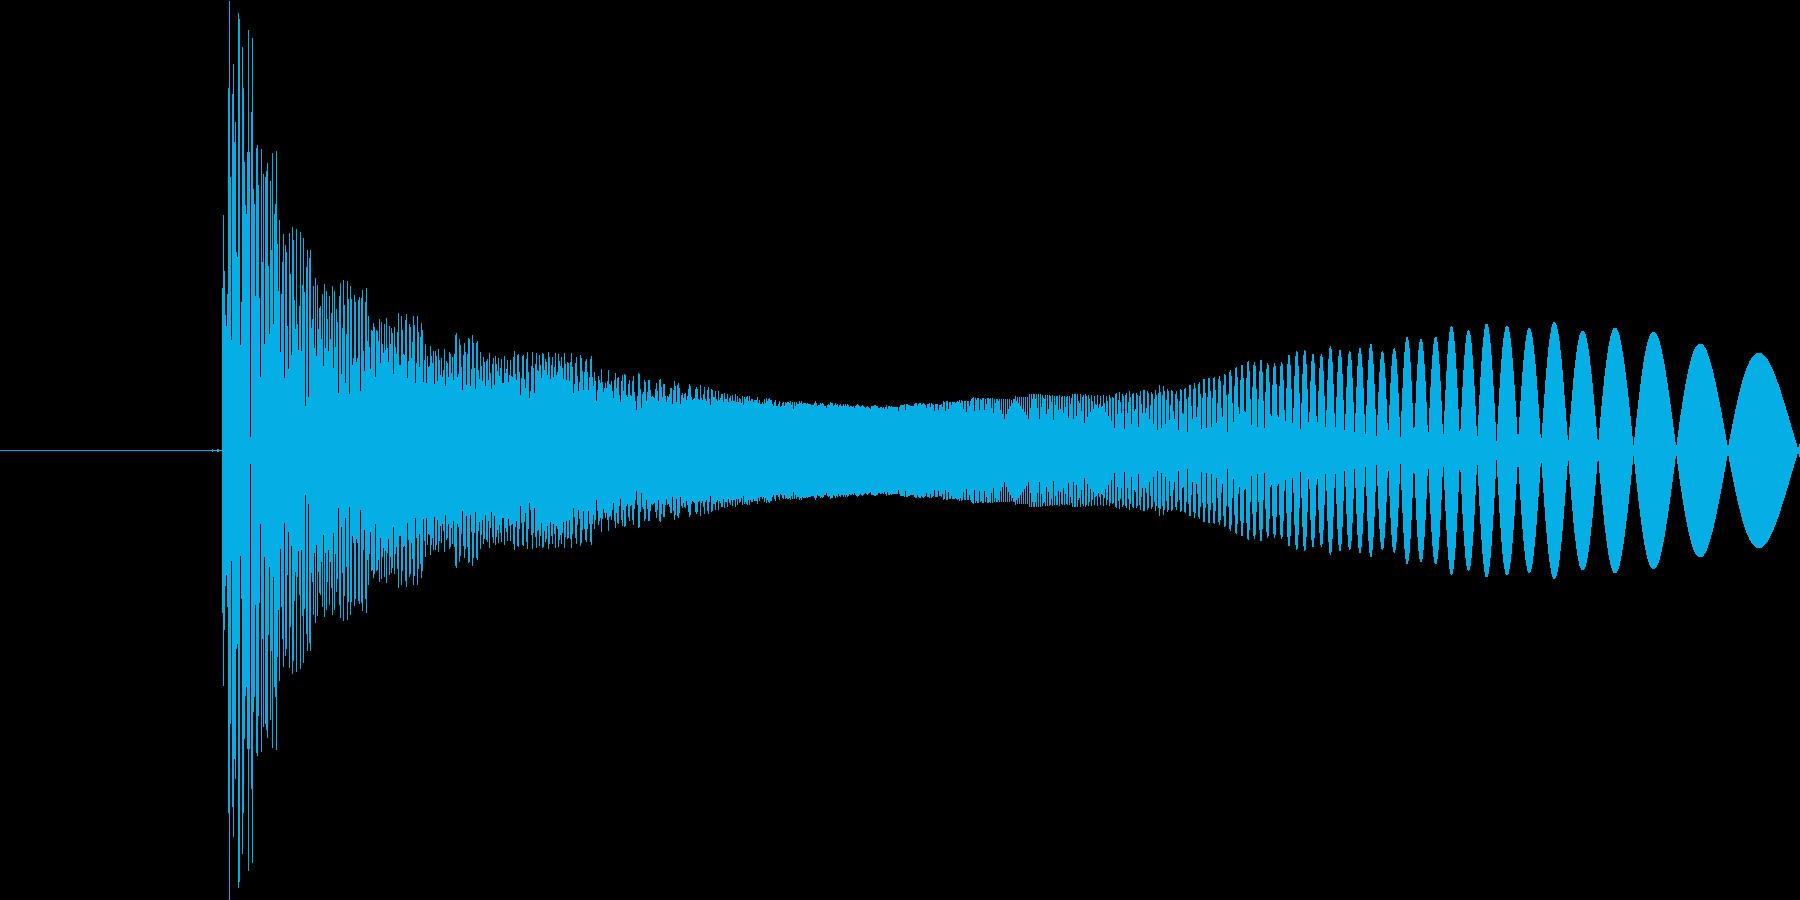 ピヨン(クリック音のような音)の再生済みの波形